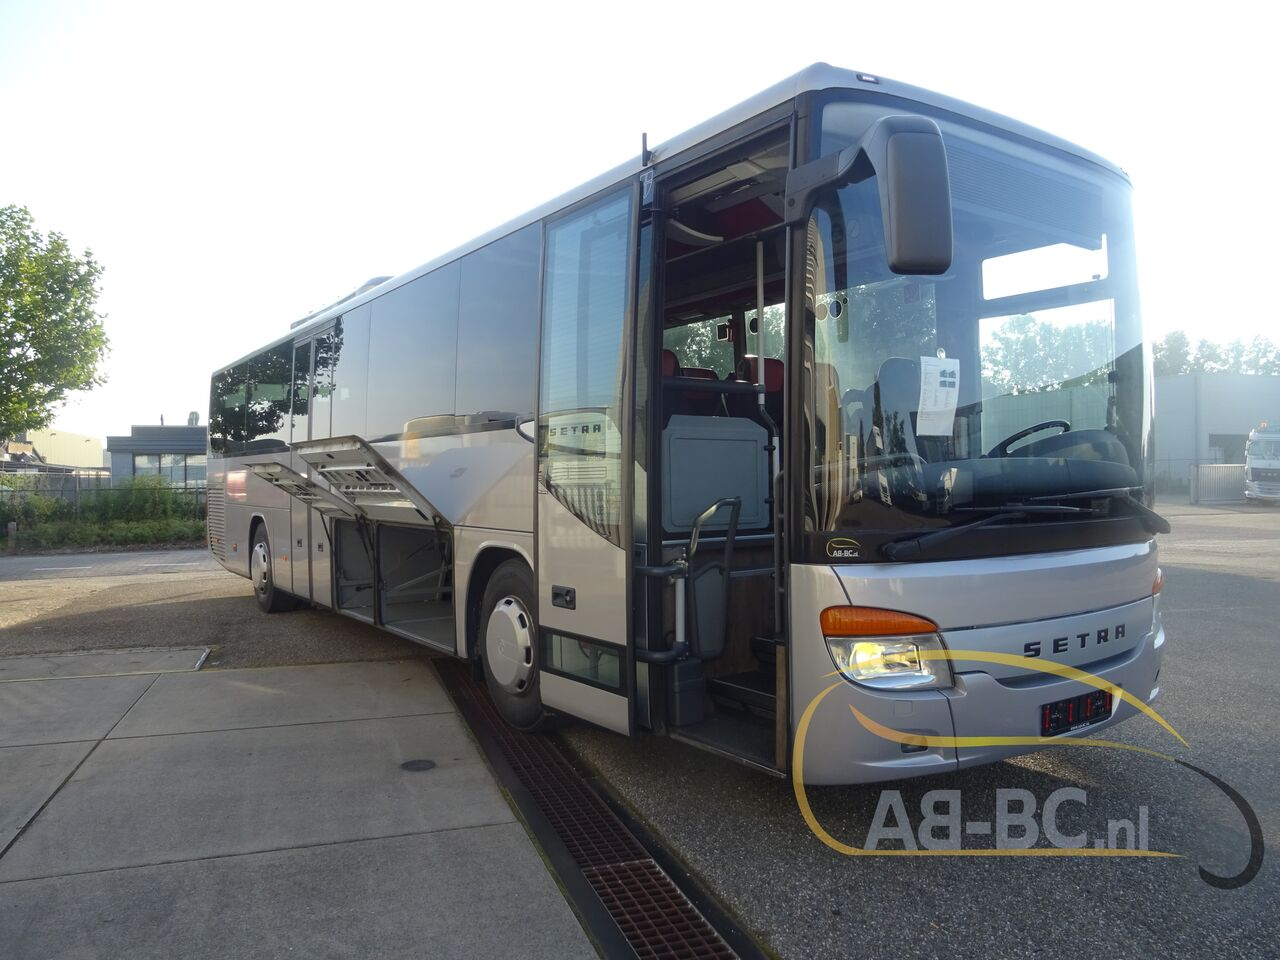 coach-bus-SETRA-S415H-52-Seats-EURO-6-Liftbus---1630913068743019276_big_1459cf7080978ad7b371548d4f11c3c9--21070517141280735500